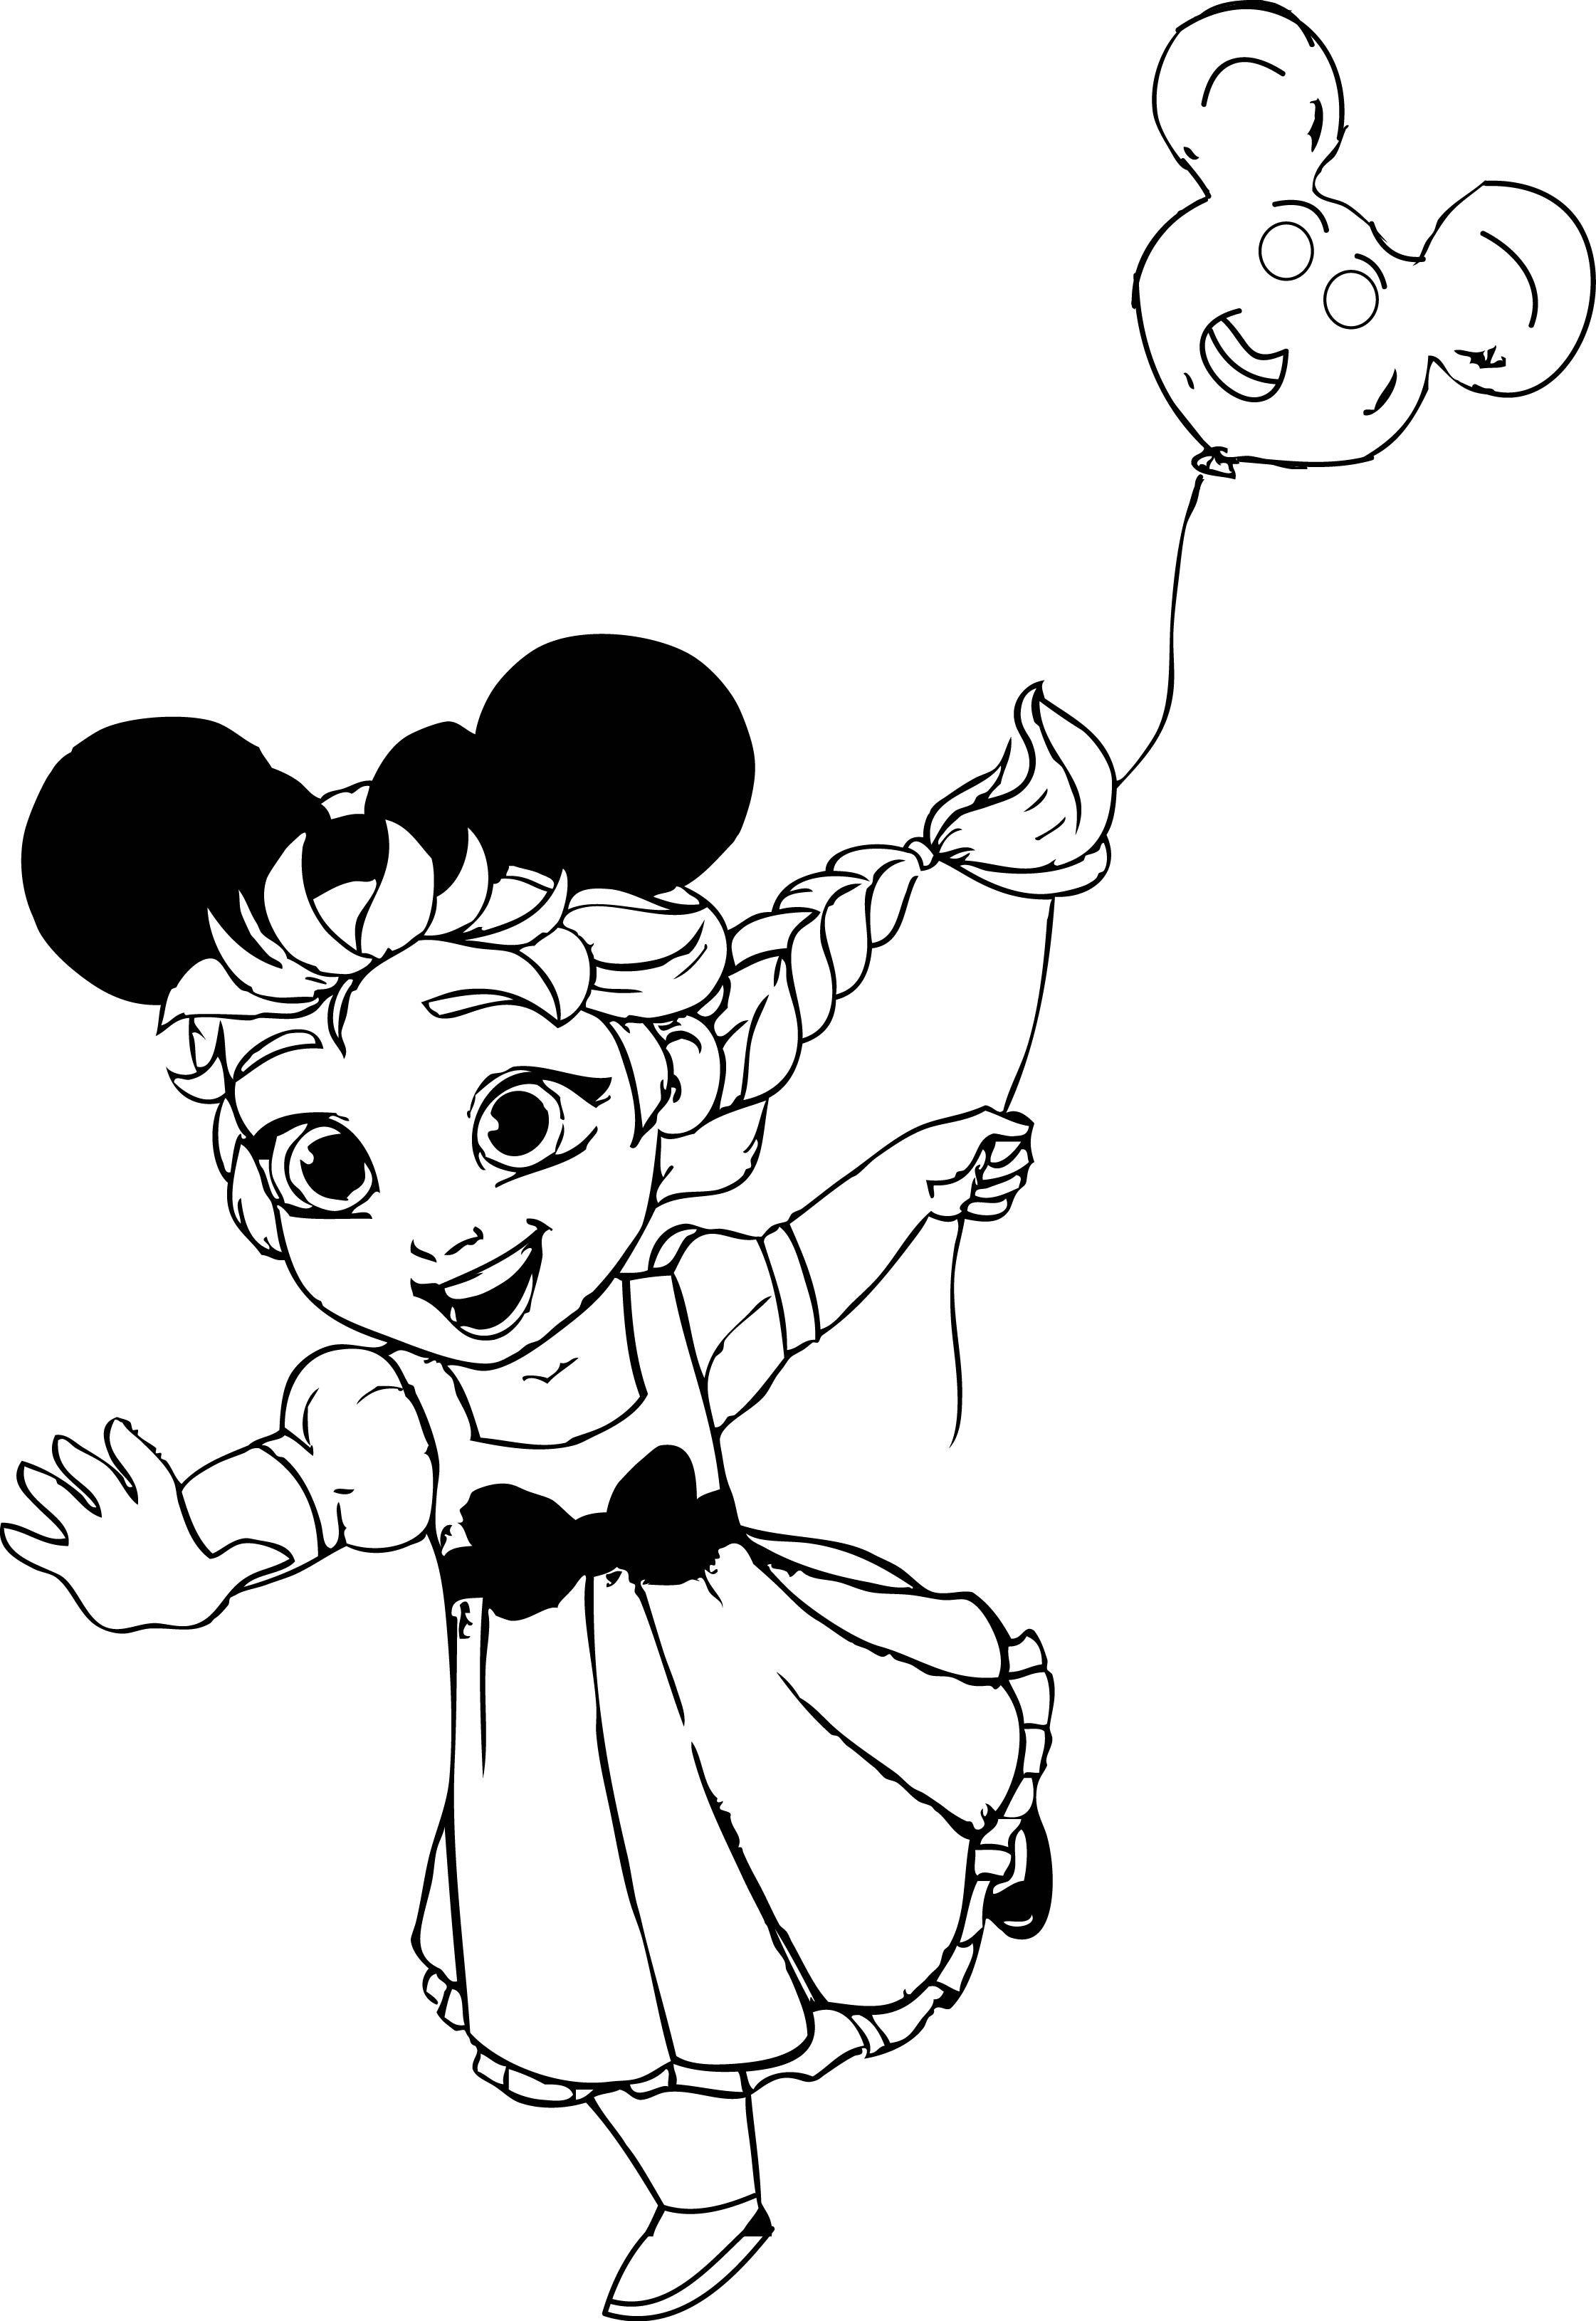 Elsa_At_Disneyland_Coloring_Page wecoloringpage